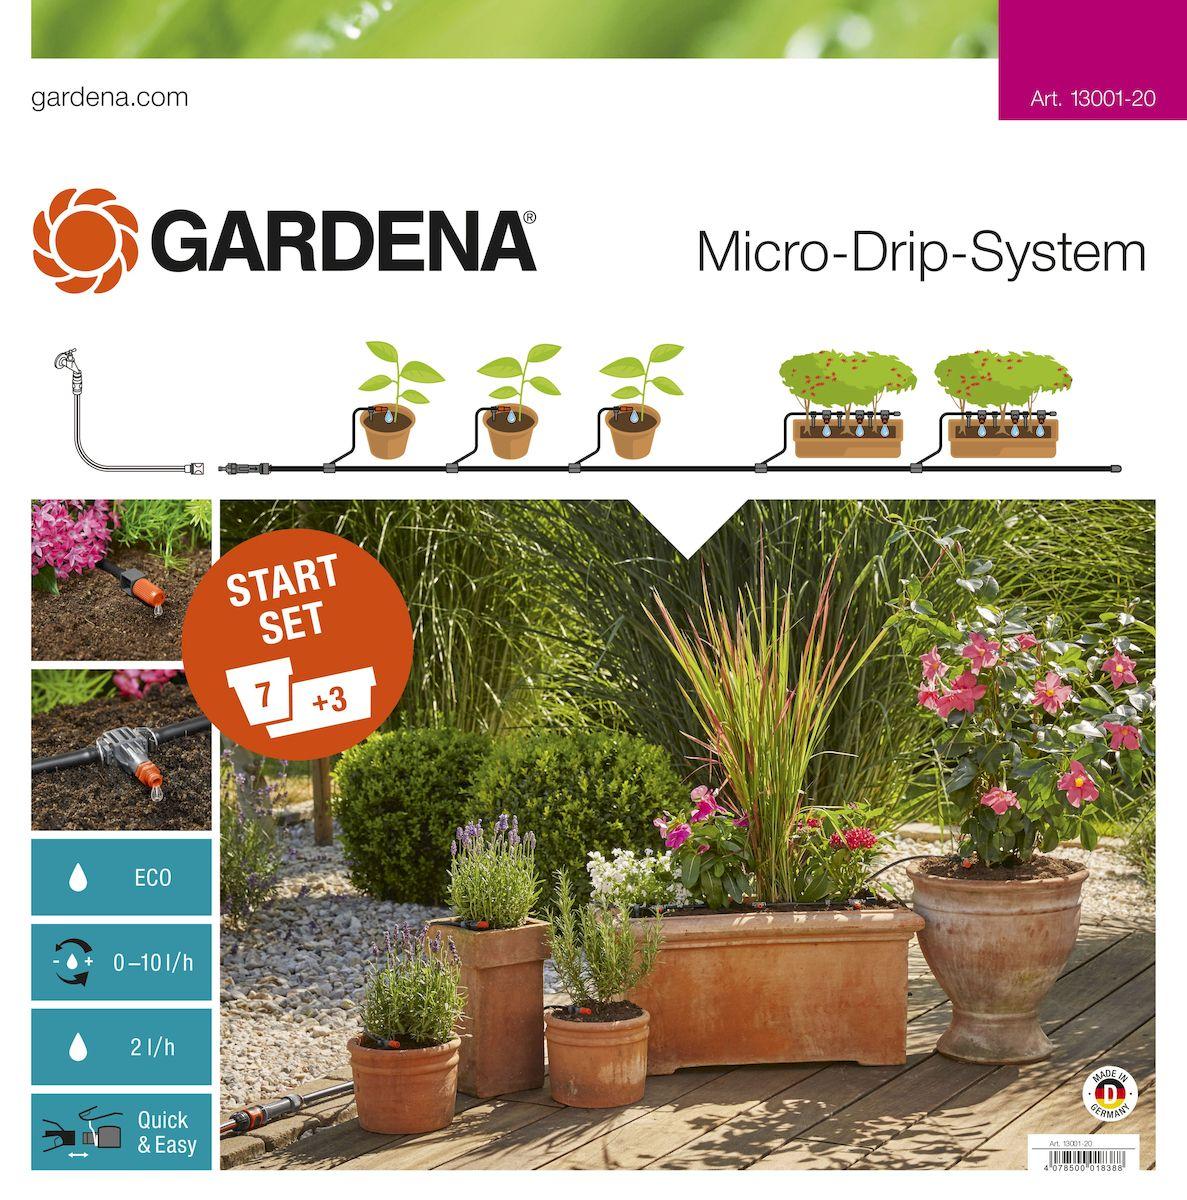 Комплект микрокапельного полива Gardena, базовый13001-20.000.00Базовый комплект Gardena предназначен для микрокапельного полива, который может применяться в различных целях. Комплект может использоваться для полива семи горшечных растений и трех цветочных ящиков, но в любом случае это оптимальный набор инструментов для создания базовой системы микрокапельного полива Gardena. Такие элементы позволяют создать систему для удобного полива необходимых растений. Предусмотрена возможность включения в систему дополнительных элементов. В комплекте: - мастер-блок 1000; - шланг магистральный 15 м; - шланг подающий 10 м; - соединитель Т-образный 13 мм (1/2); - соединитель Т-образный 10 шт; - колышки для крепления шлангов 4,6 мм (3/16), 15 шт; - колышки для крепления шлангов 13 мм (1/2), 10 шт; - регулируемая концевая капельница (10 л/час), 7 шт; - внутренняя капельница (2 л/ч), 9 шт; - заглушка 4,6 мм (3/16), 3 шт; - заглушка 13 мм (1/2), 2 шт; - игла для прочистки. ...